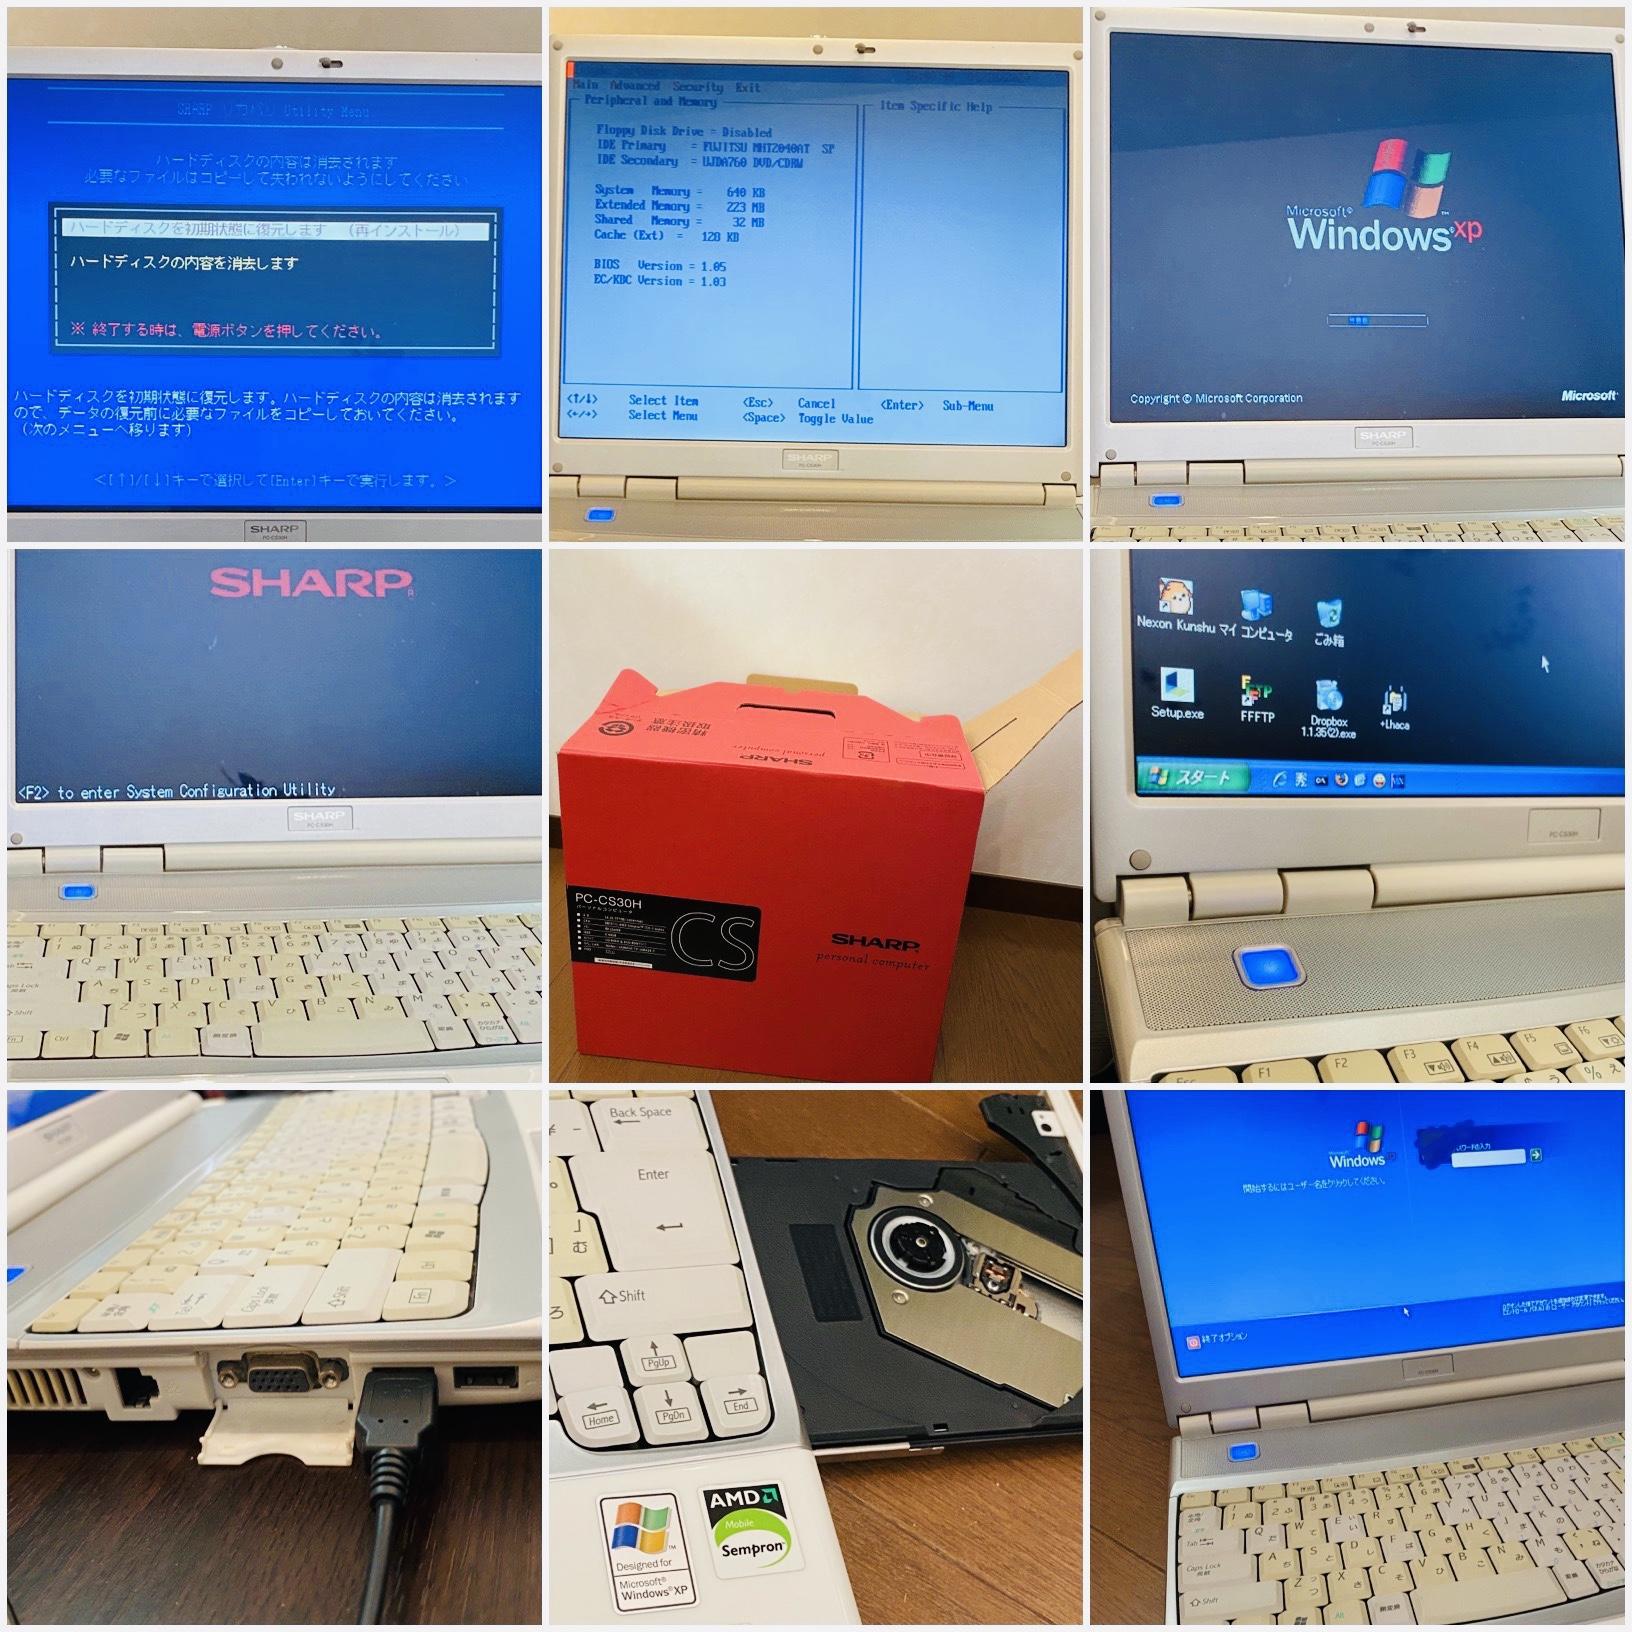 2005年に購入した SHARP Mebius PC-CS30H をリカバリ処理。ハードディスク全消去したけど Windows XP だから復元ツールでデータ抜き出せそうな気がする。 https://t.co/q0EcuzXdnU